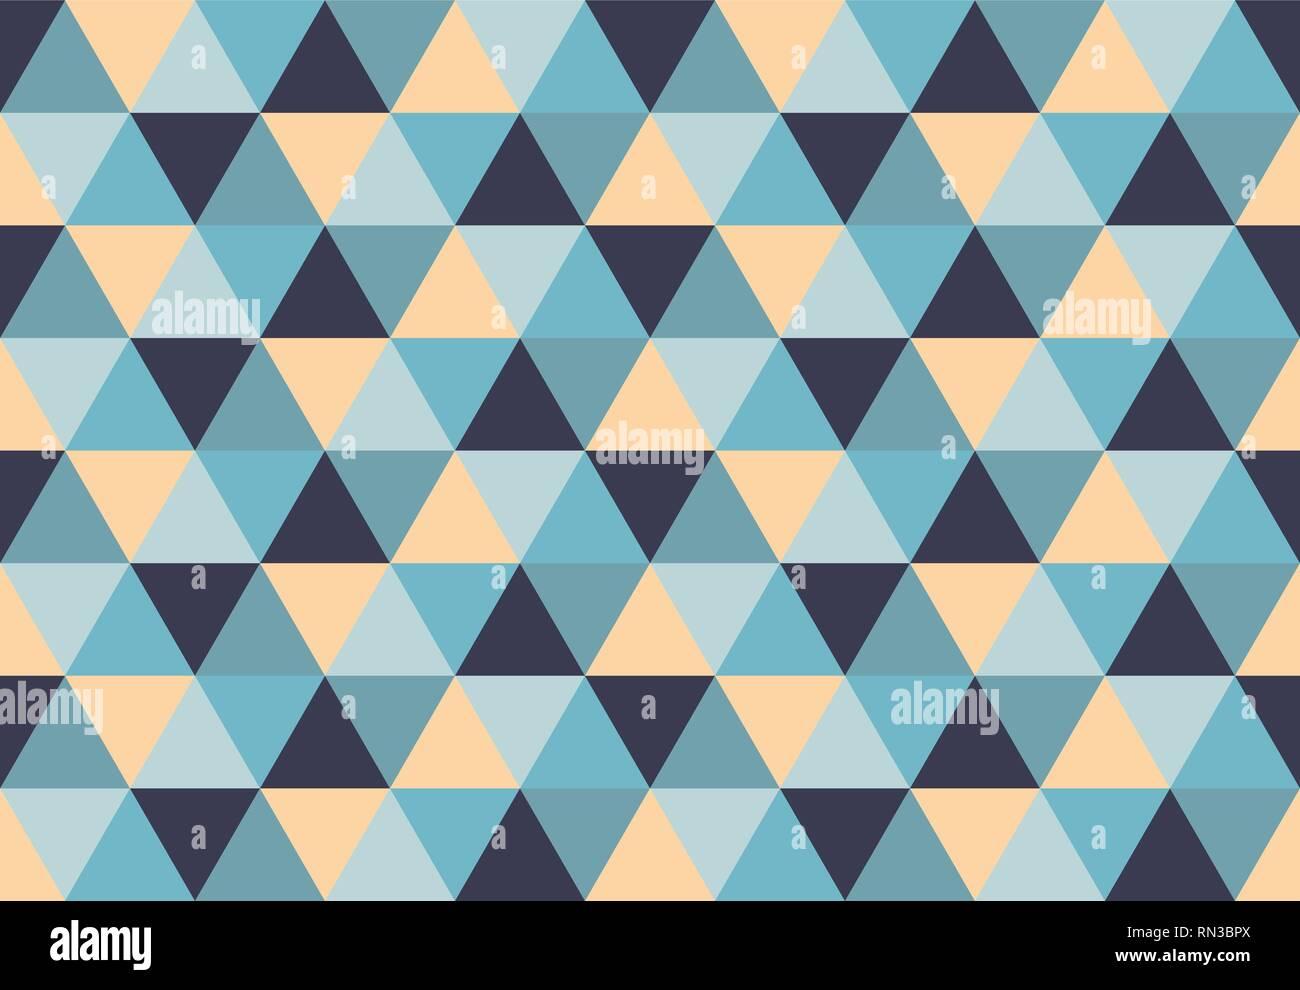 Modèle Logique Triangulaire Low Poly Fond Géométrique